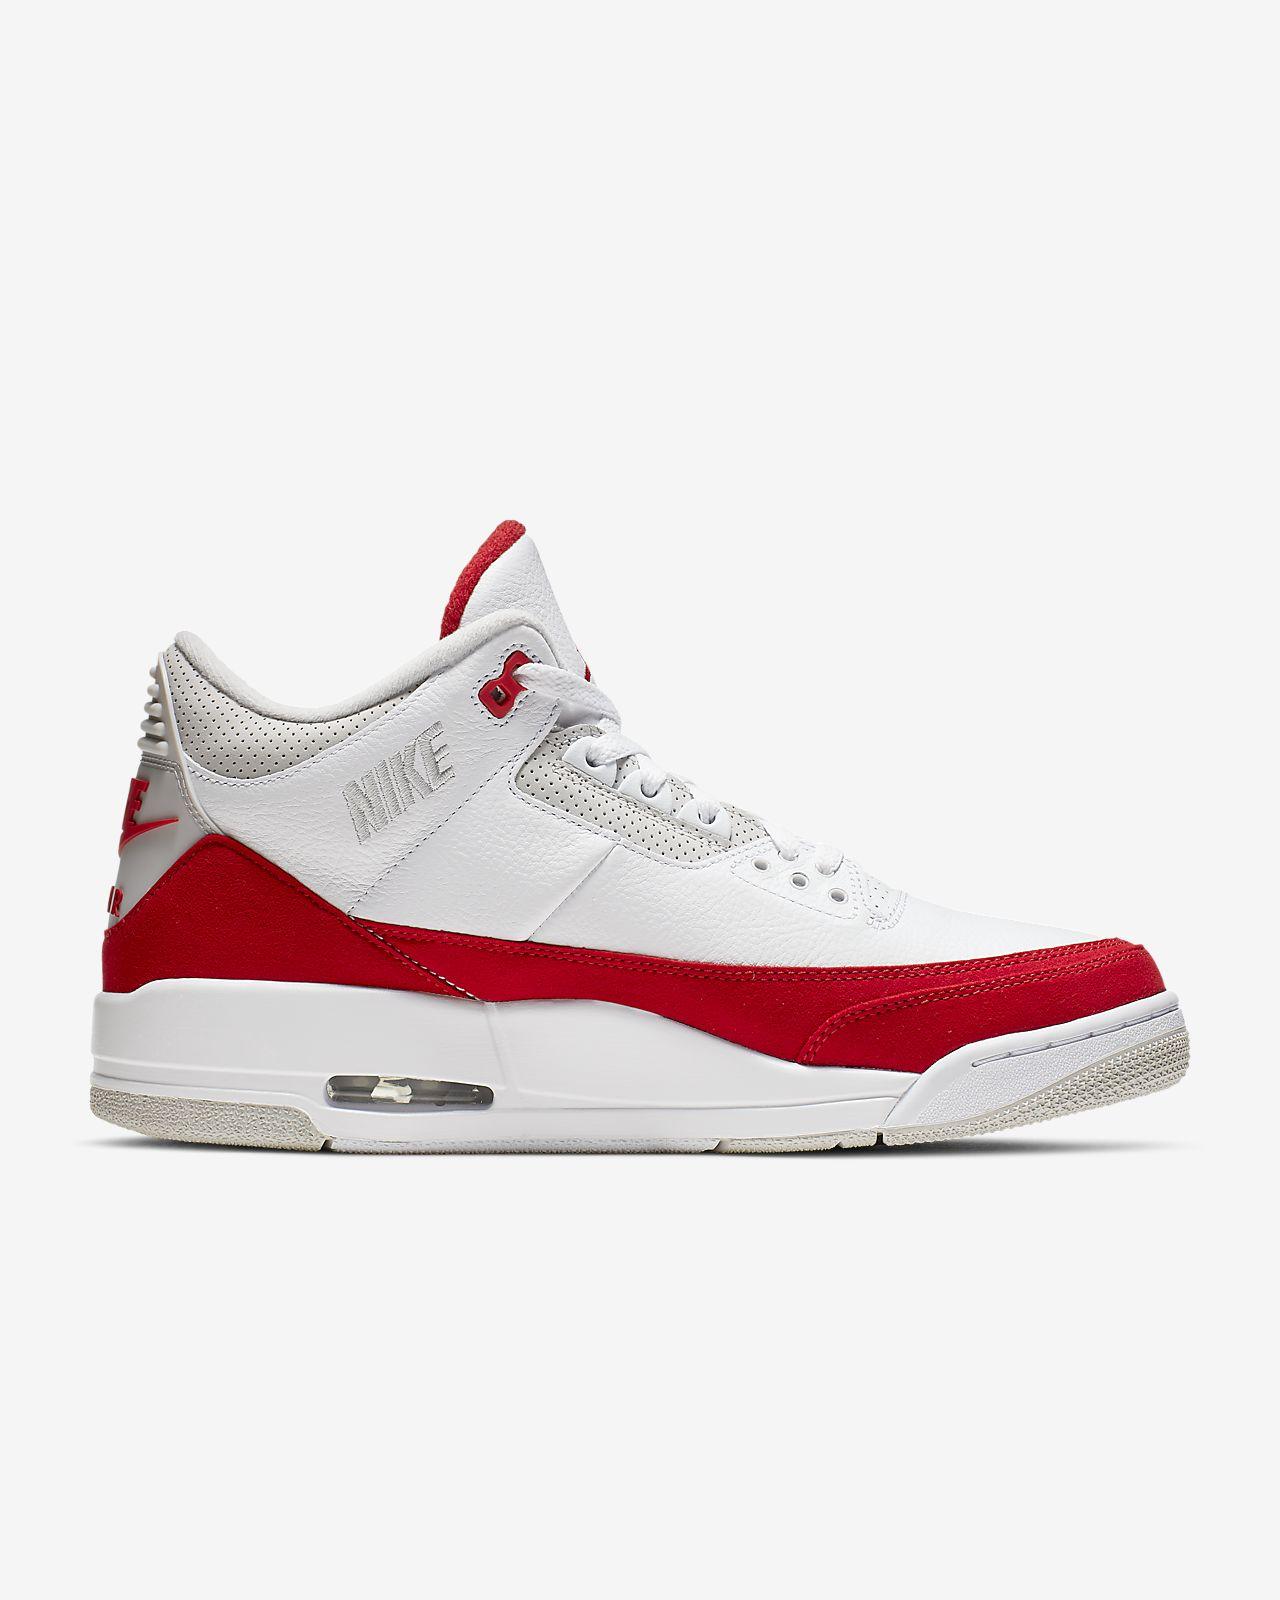 e3dccbc0aa62d1 Air Jordan 3 Retro TH SP Men s Shoe. Nike.com